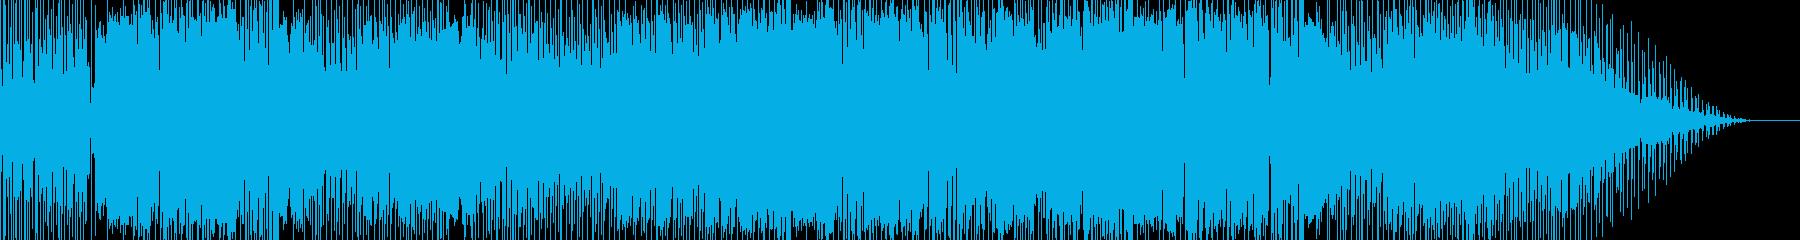 おしゃれでノリのいいEDM曲の再生済みの波形